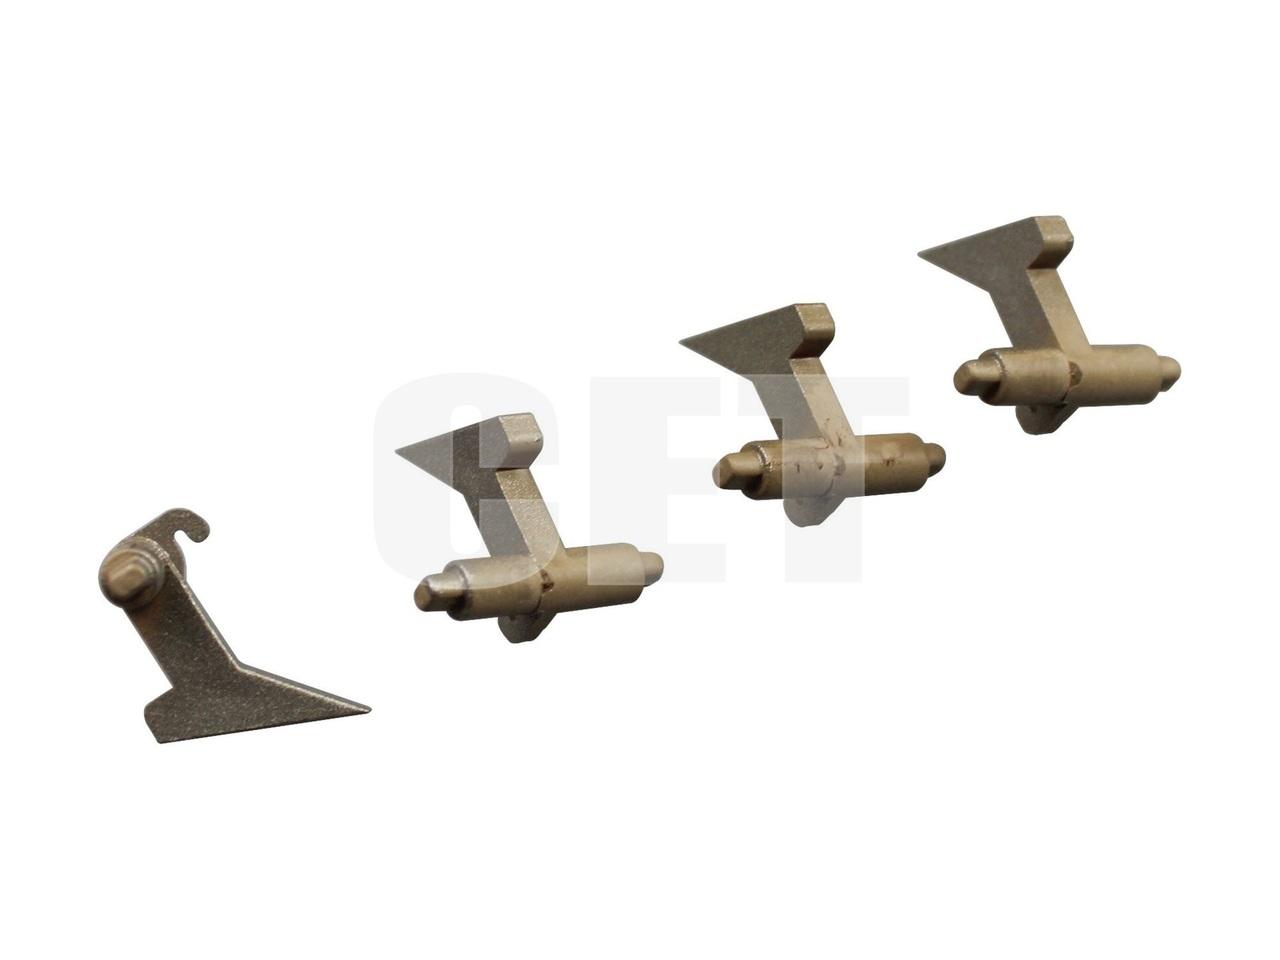 Сепаратор тефлонового вала для RICOHMP501SPF/MP601SPF/SP5300DN/SP5310DN (CET), CET7726